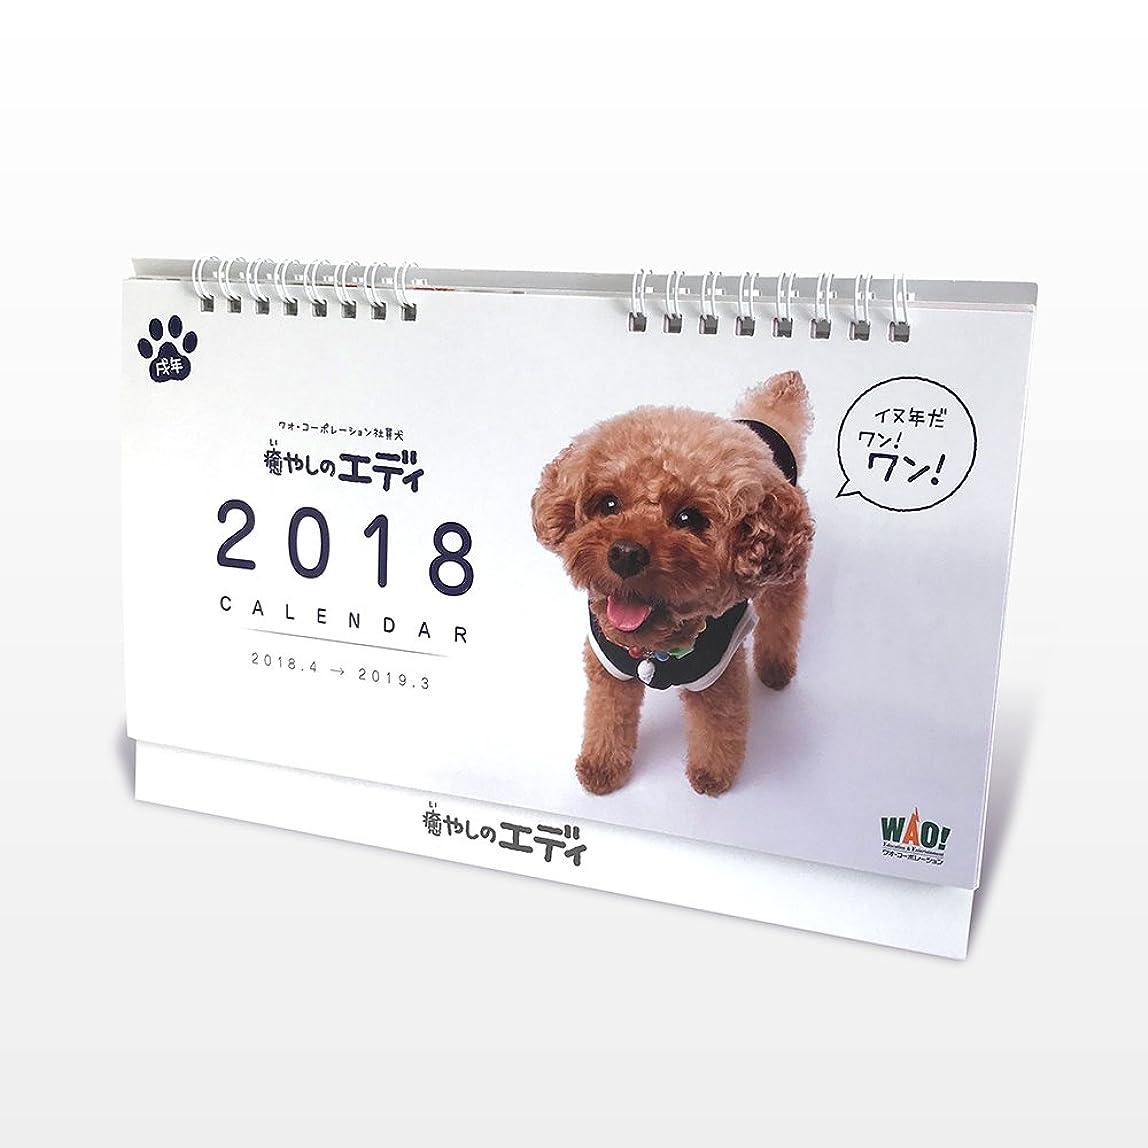 焦げ大使意識的「癒やしのエディ」2018年卓上カレンダー(4月スタート)